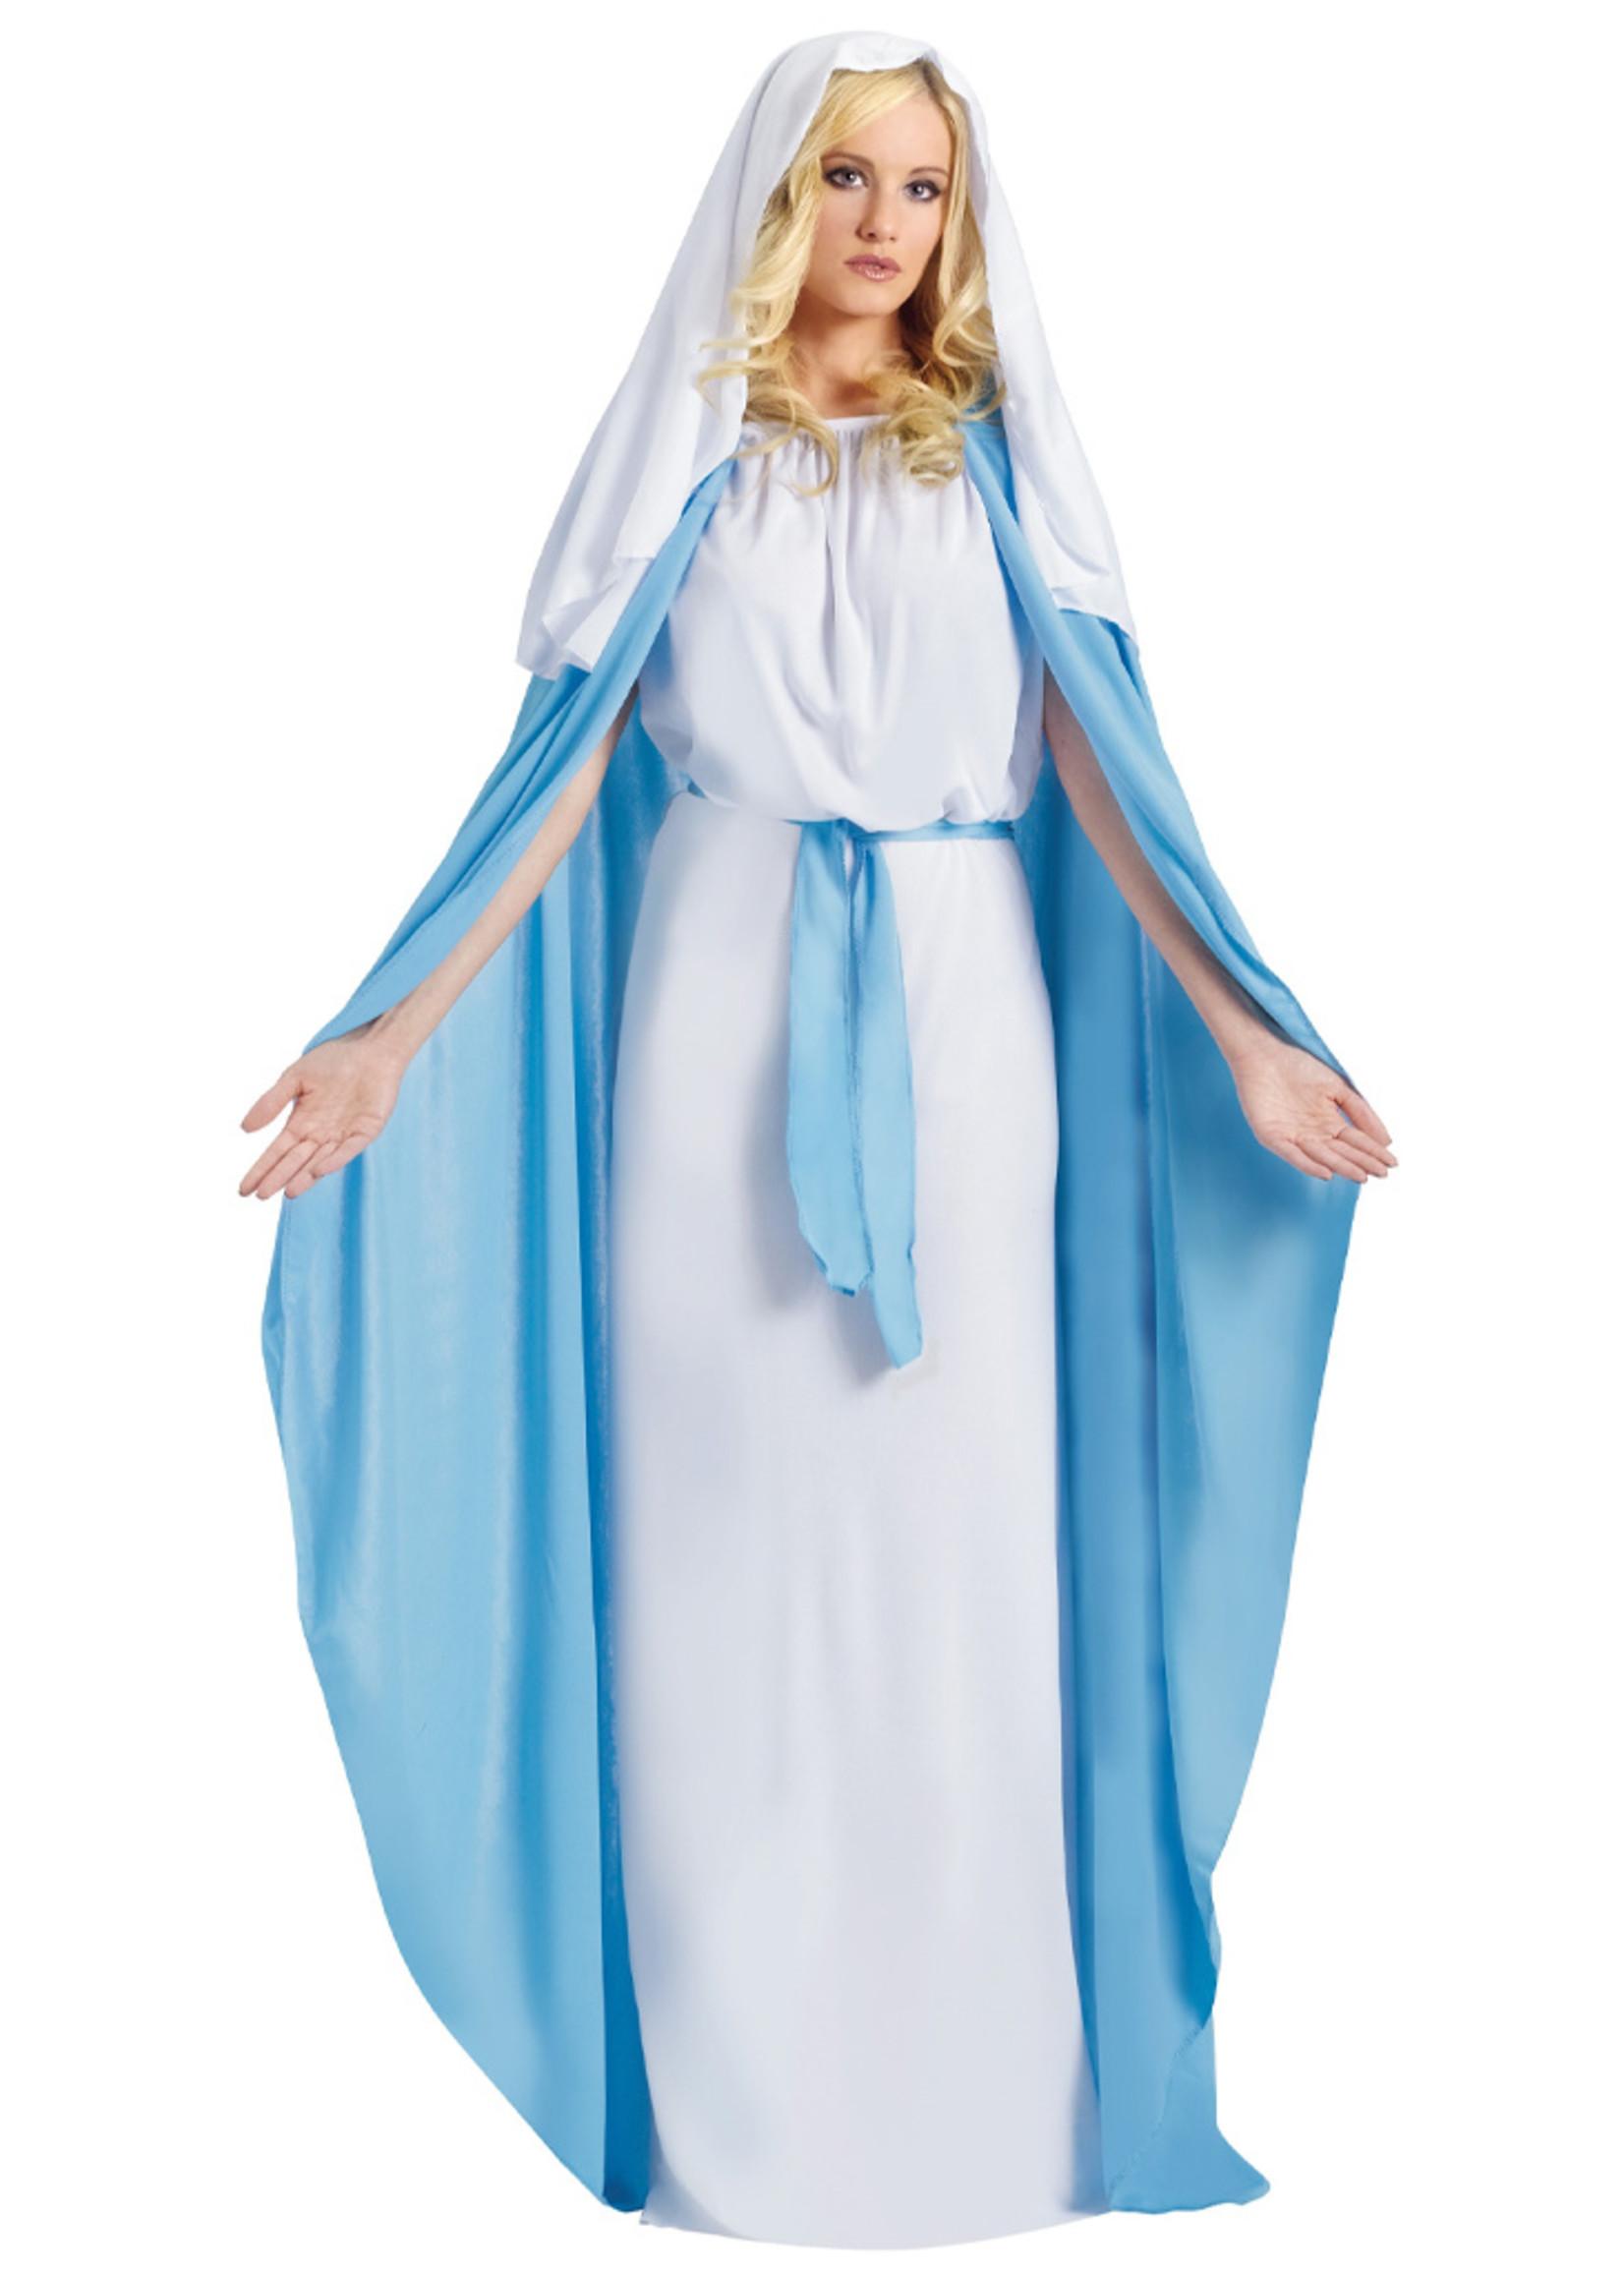 FUN WORLD Mary Costume - Women's